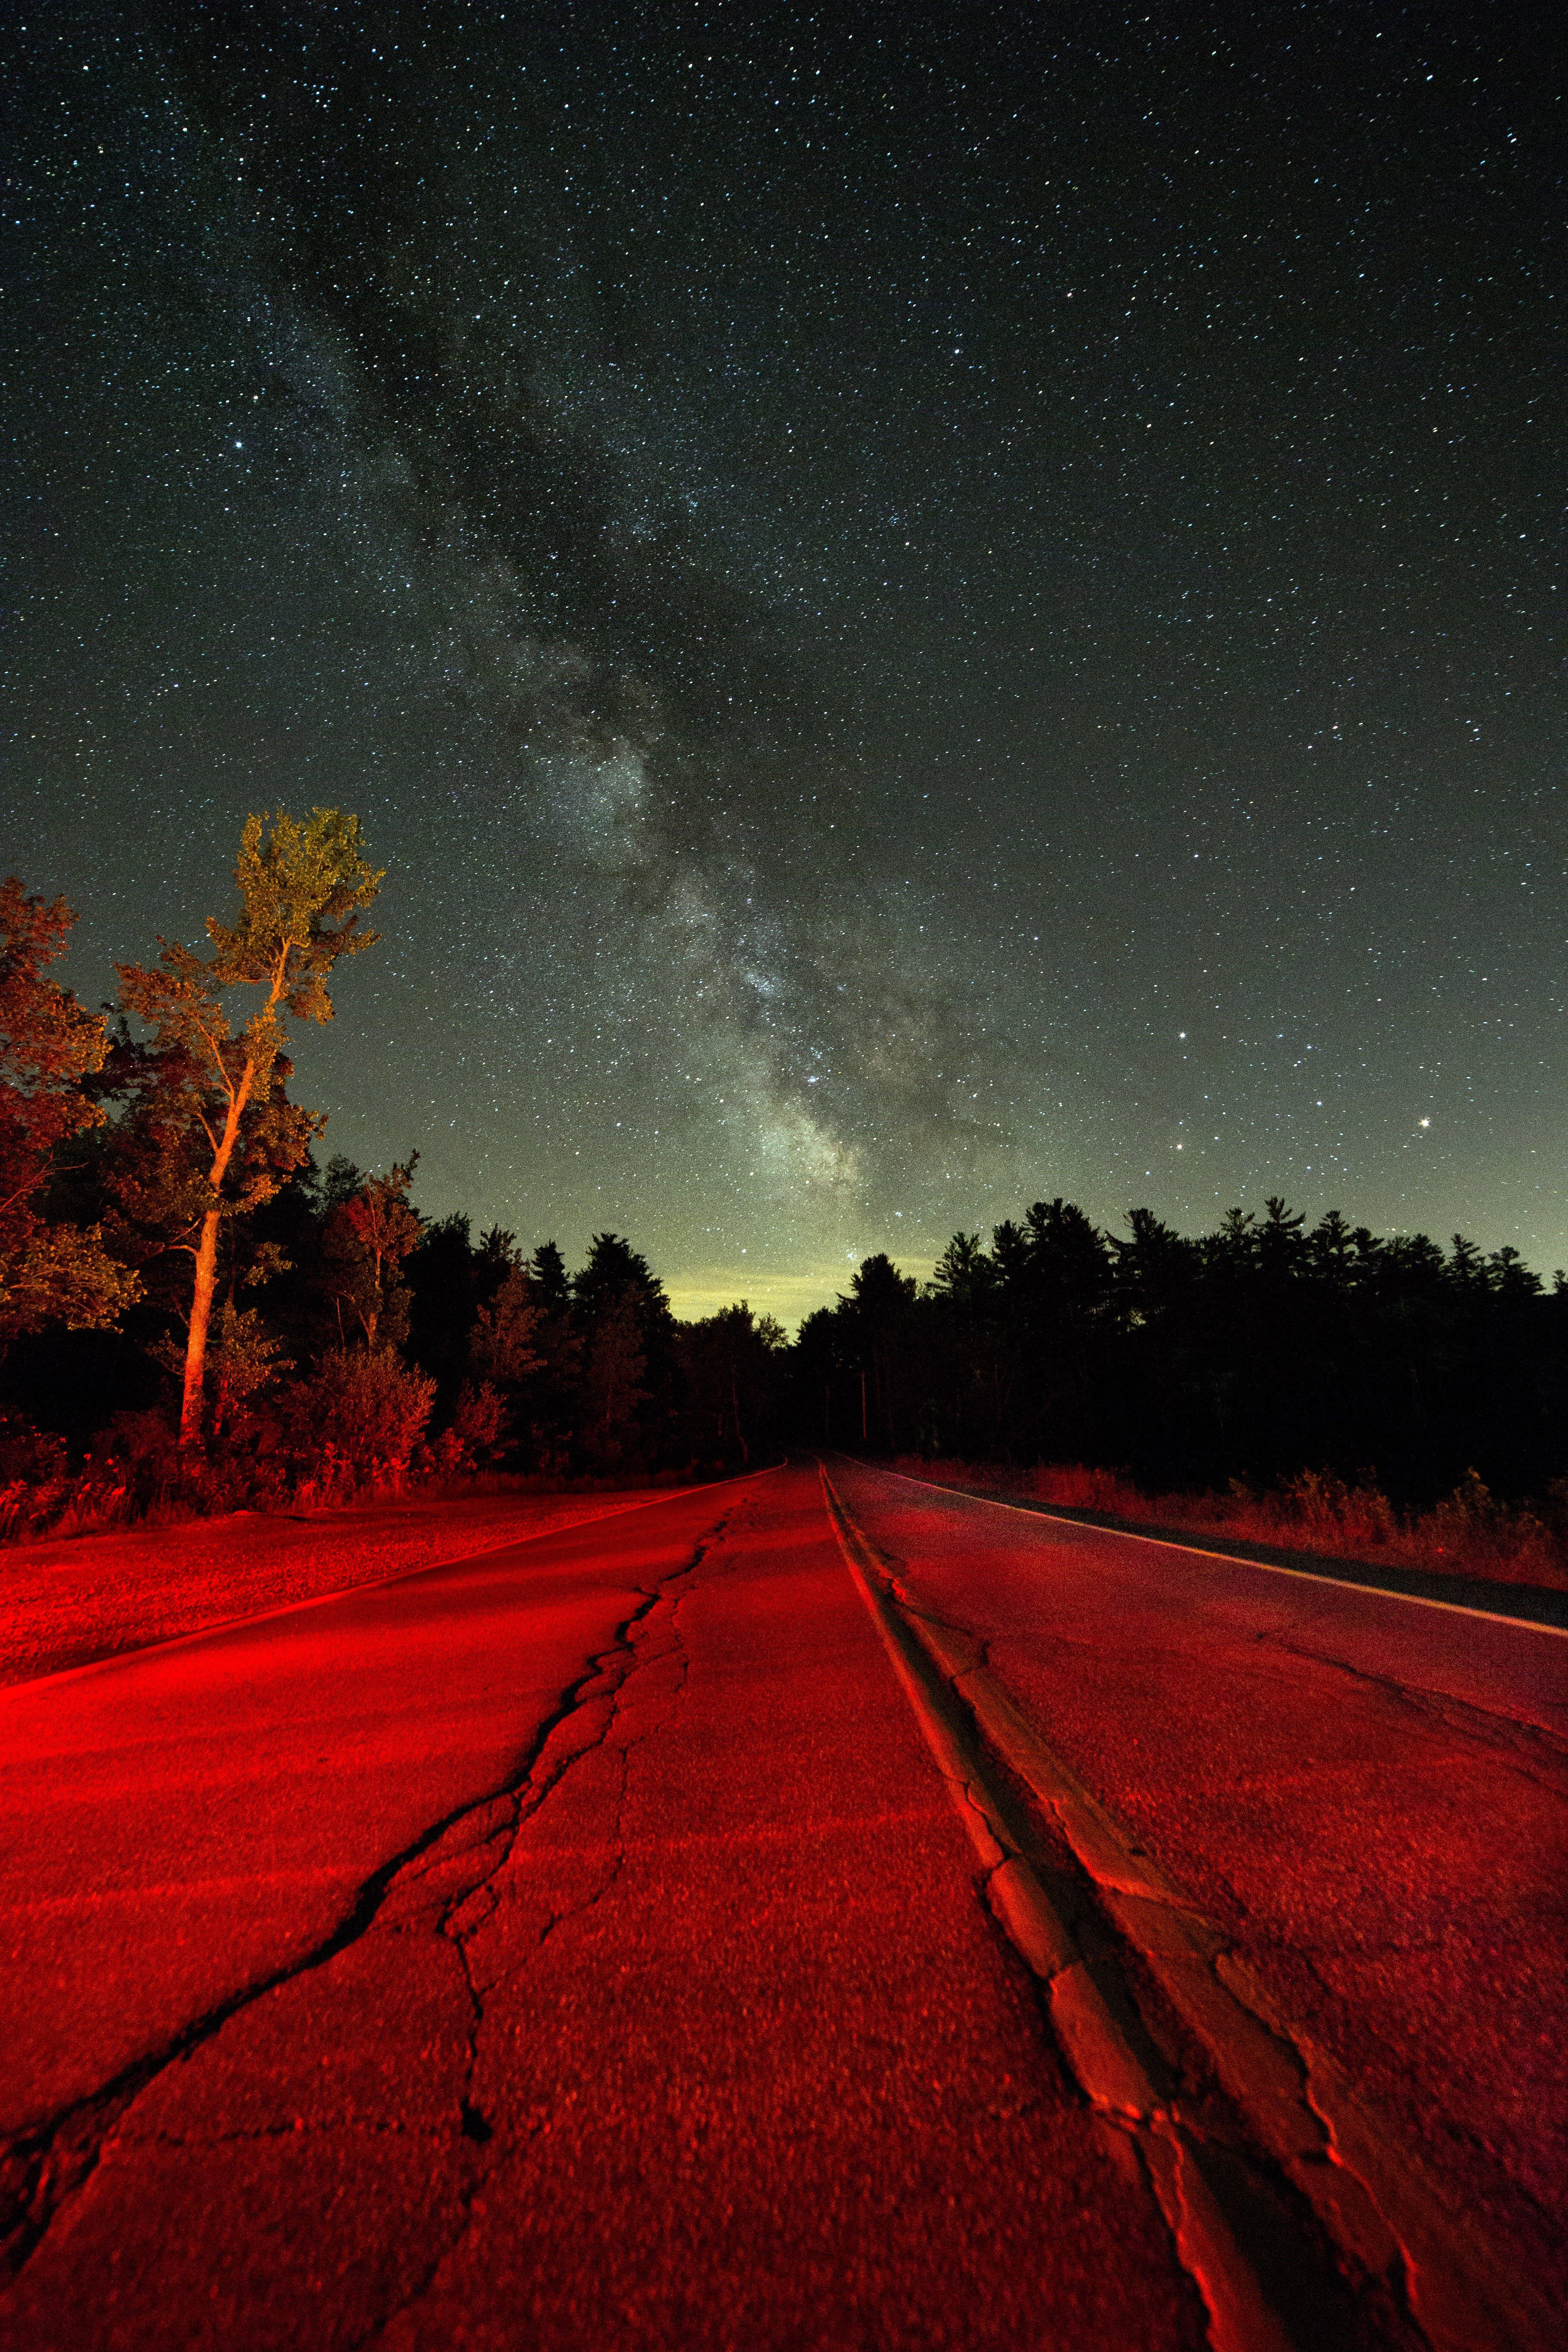 Kostenloses Stock Foto zu abend, autobahn, bäume, dunkel